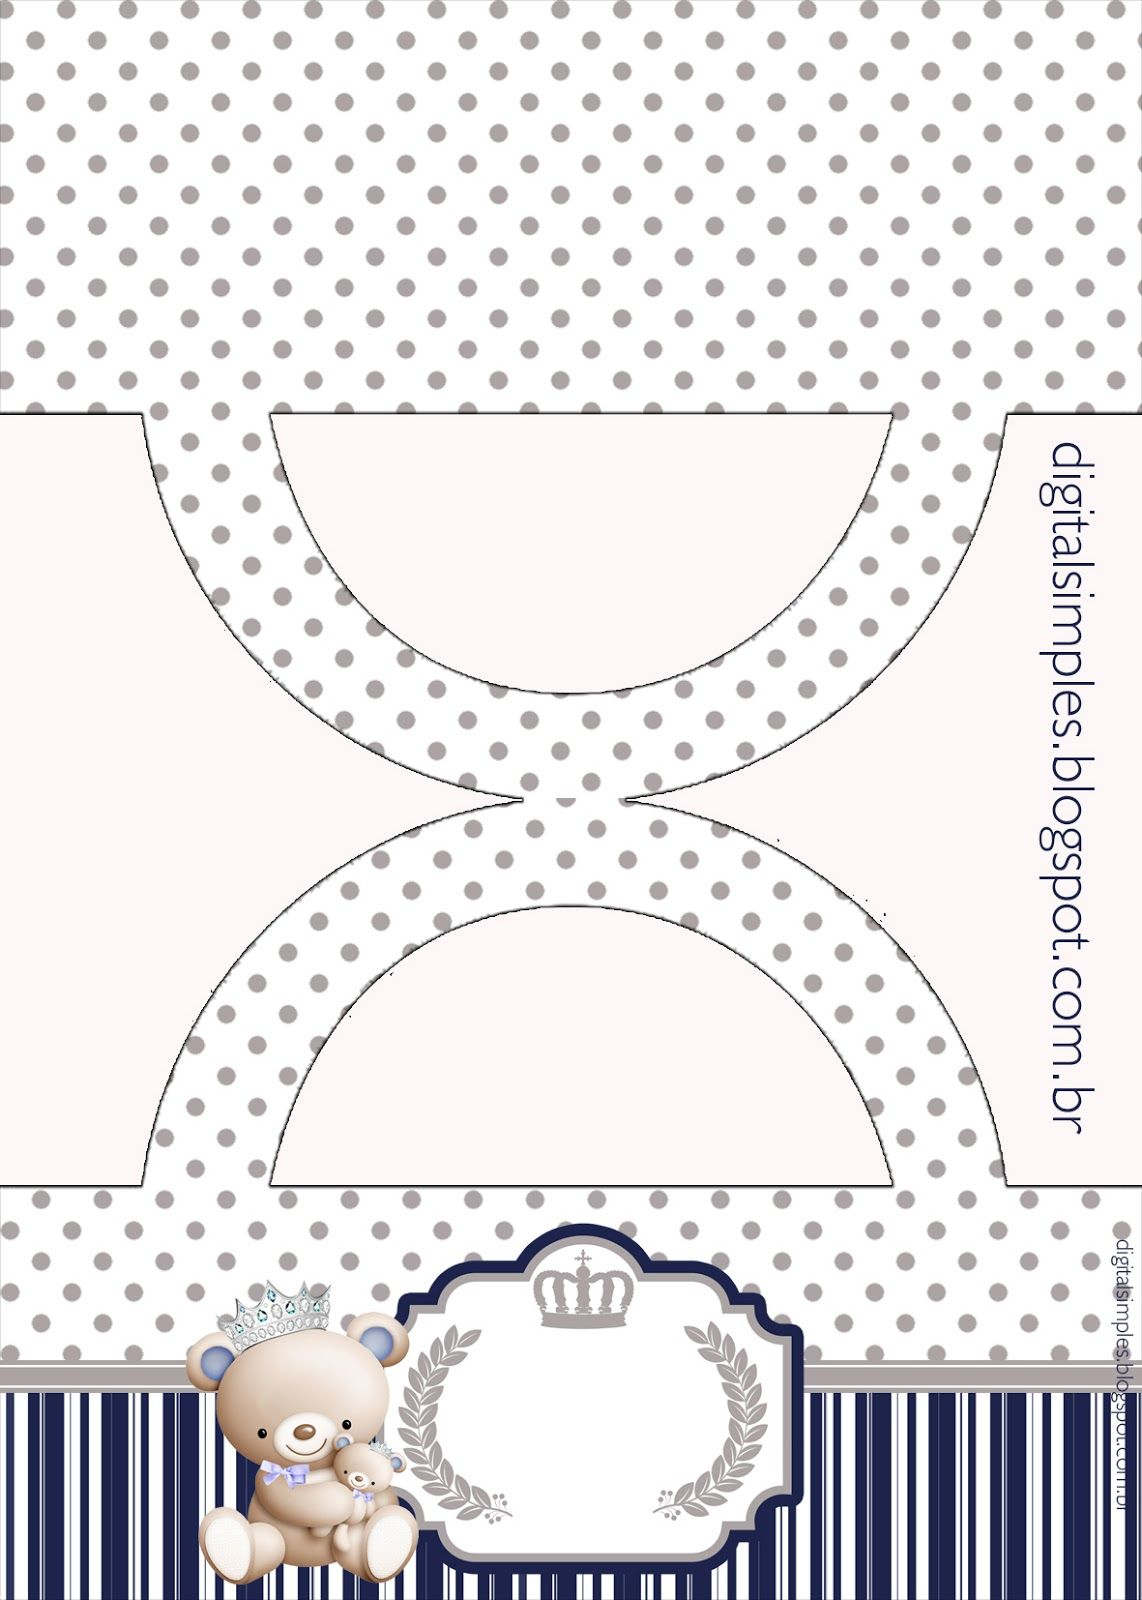 Convites Digitais Simples Kit Aniversario Ursinho Principe Azul Para Imprimir